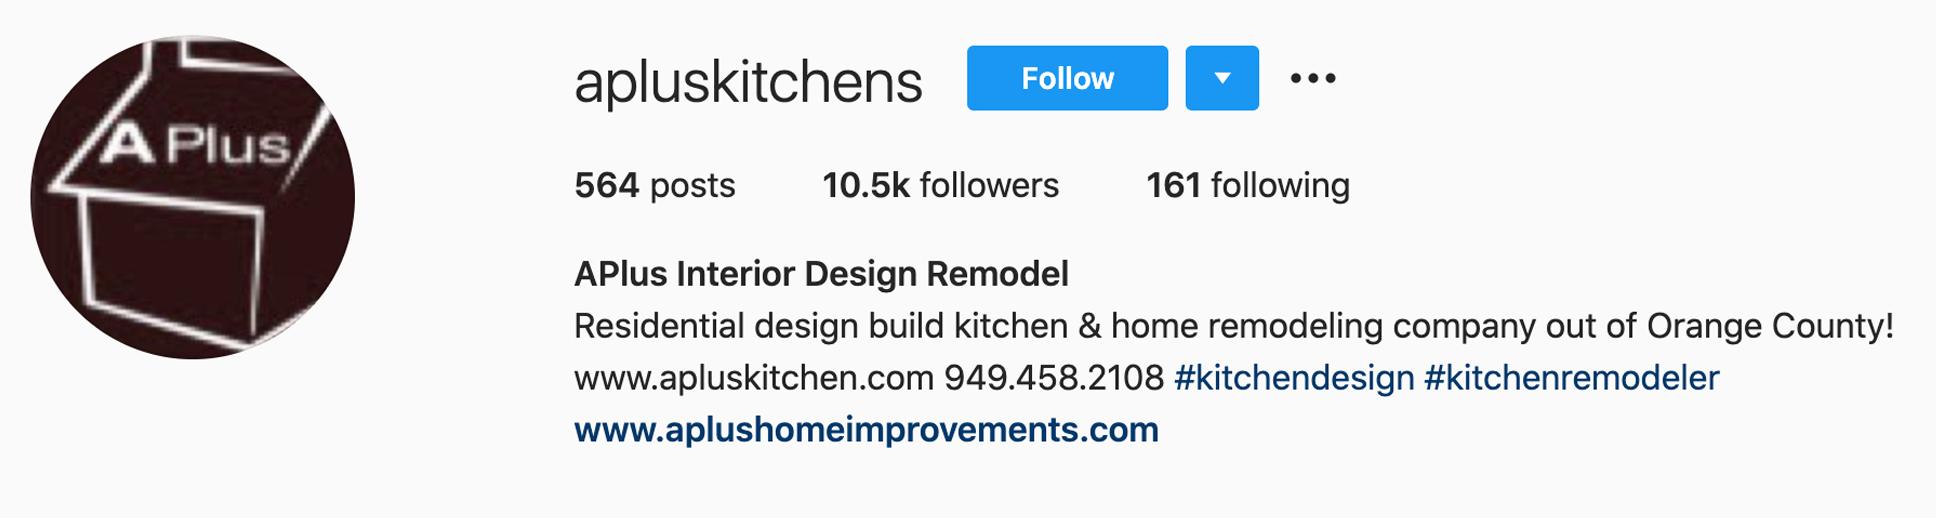 aplus-interior-design-remodel-apluskitchens-instagram-profile